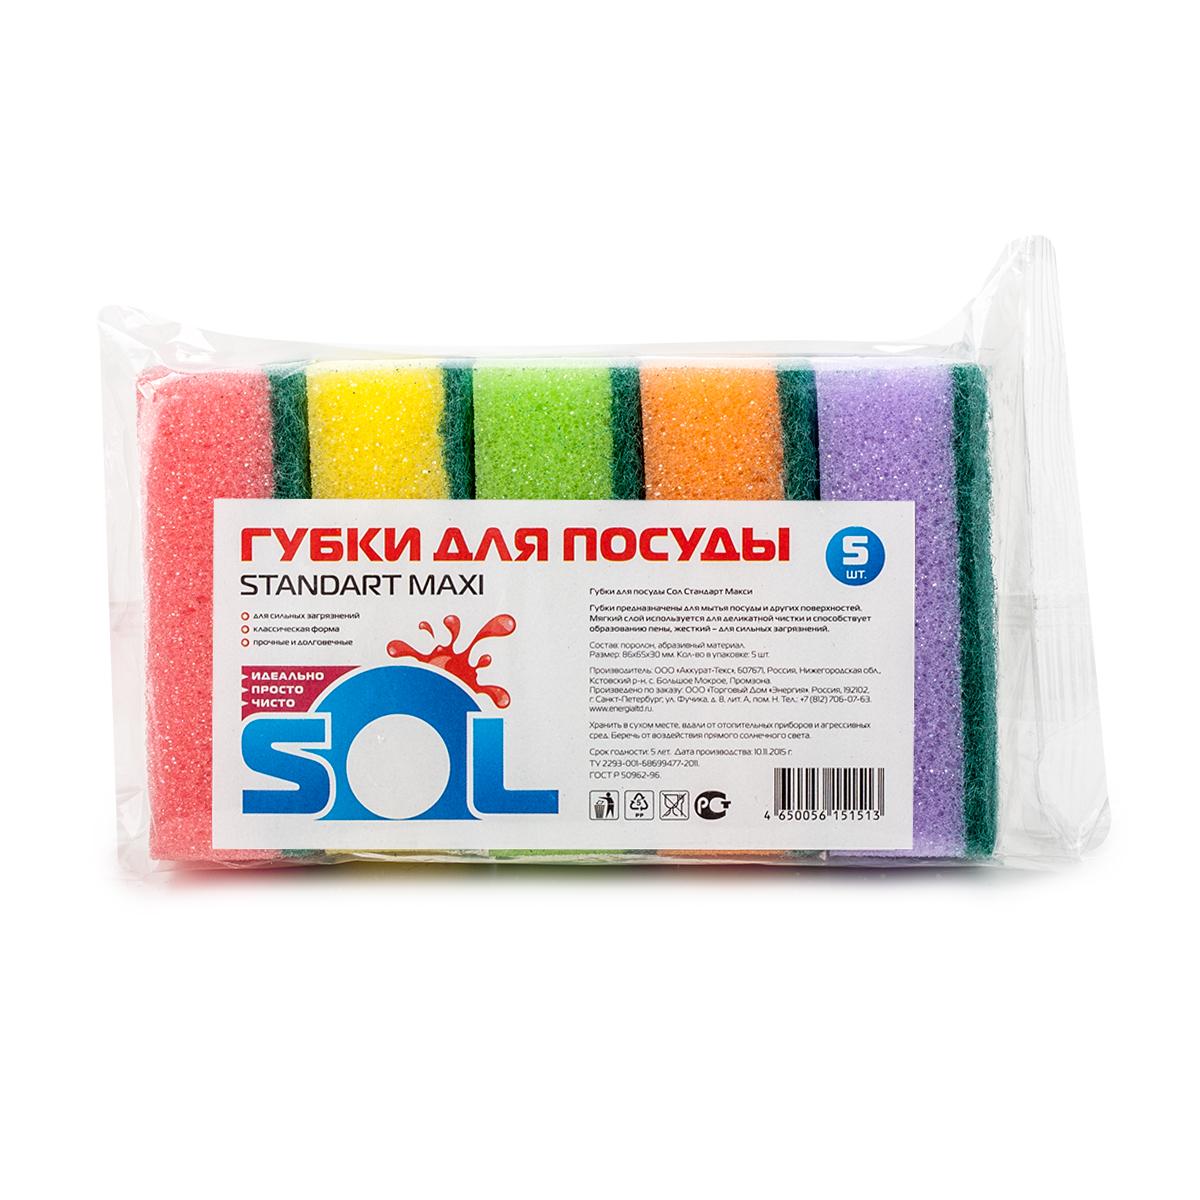 Губка для мытья посуды Sol Стандарт Макси, 5 шт10026Губки Sol Стандарт Макси предназначены для мытья посуды и других поверхностей. Выполнены из поролона и абразивного материала. Мягкий слой используется для деликатной чистки и способствует образованию пены, жесткий - для сильных загрязнений.В комплекте 5 губок разного цвета.УВАЖАЕМЫЕ КЛИЕНТЫ! Обращаем ваше внимание на возможные изменения в цветовом дизайне, связанные с ассортиментом продукции. Поставка осуществляется в зависимости от наличия на складе.